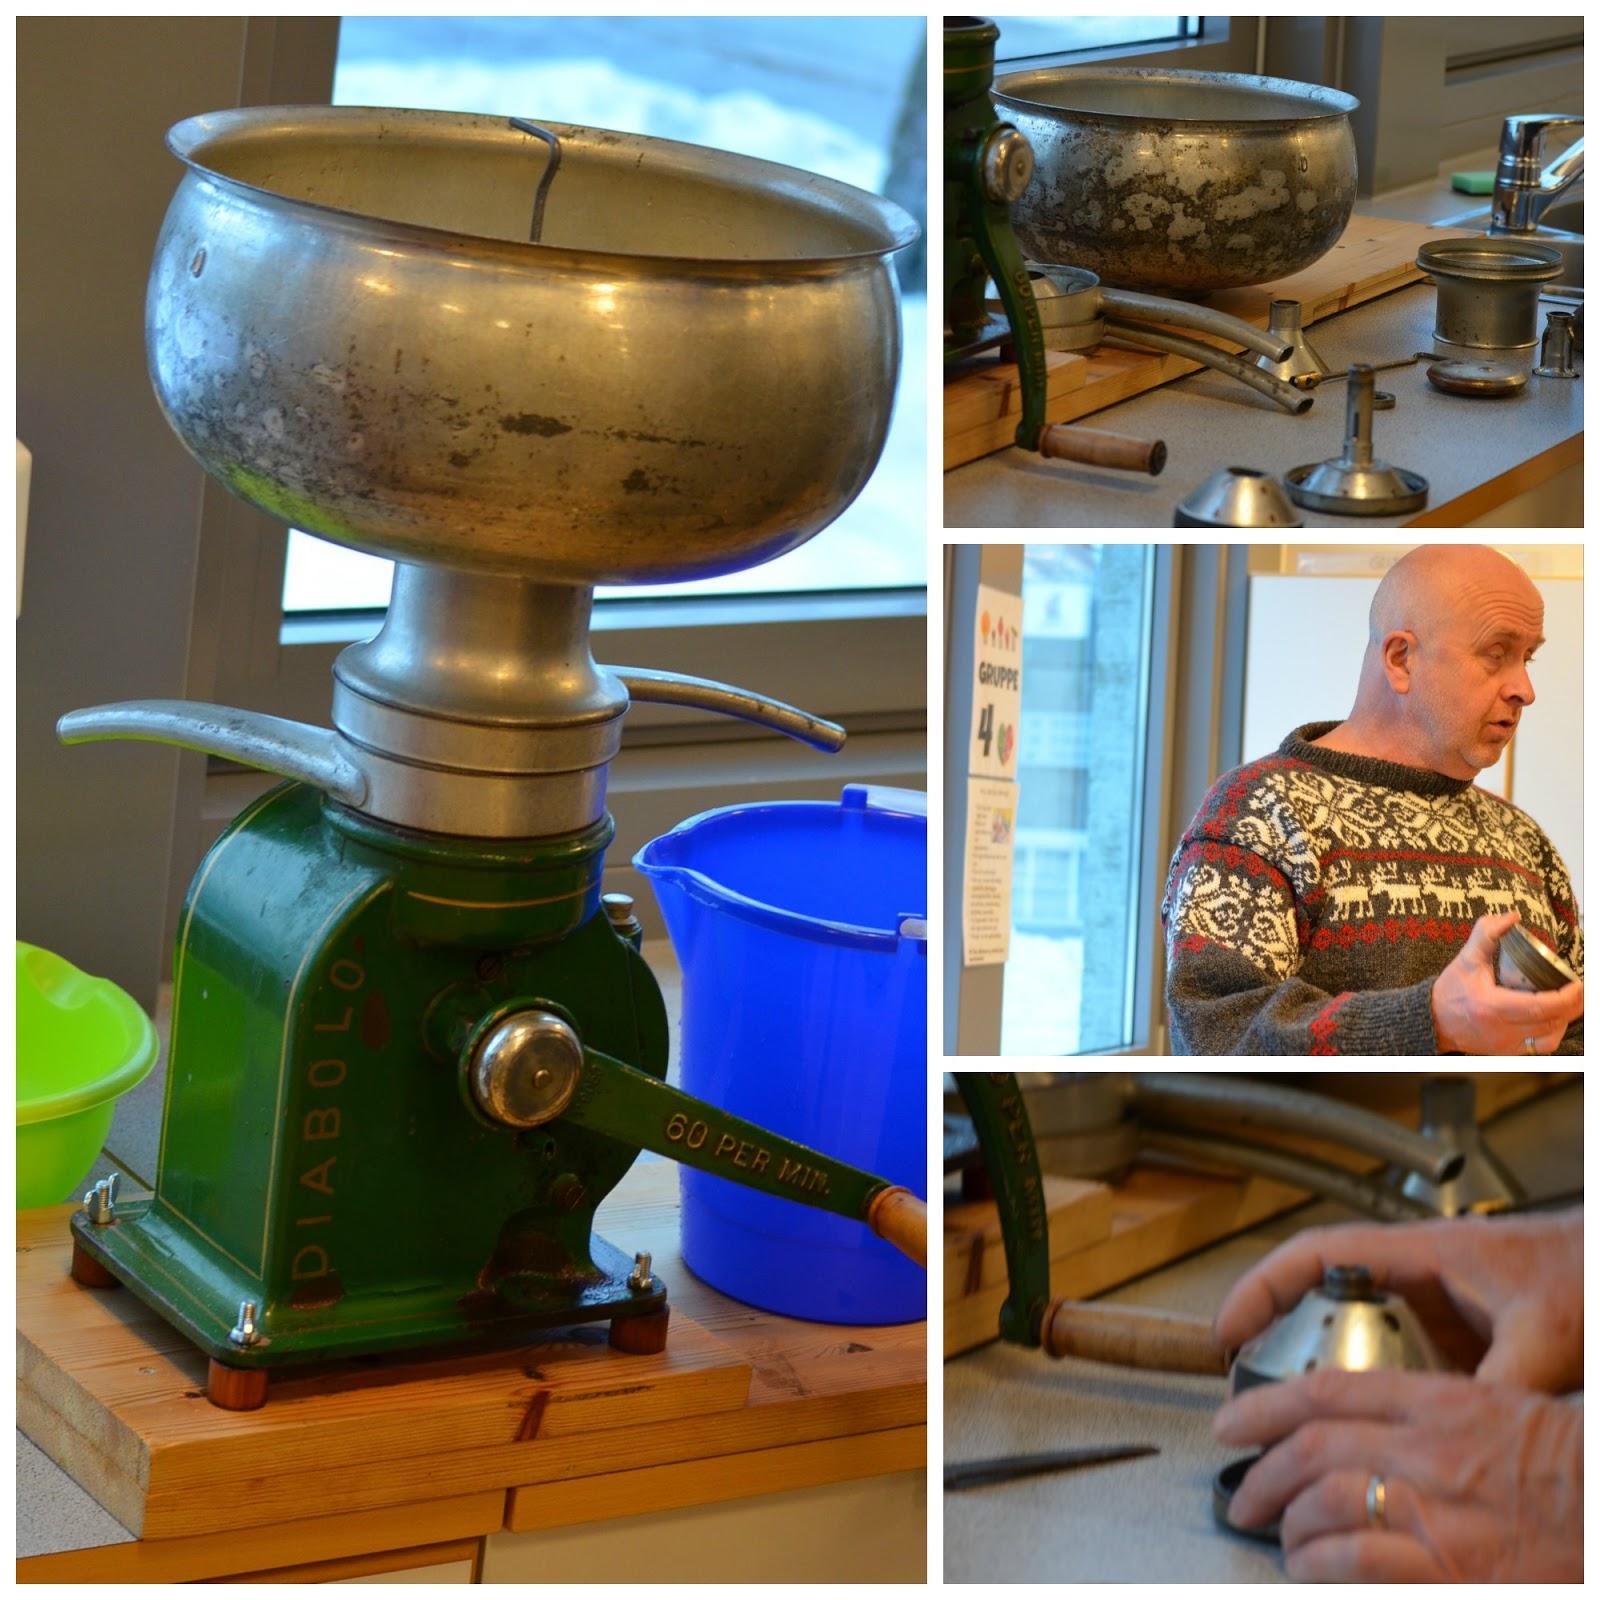 Dyra p g rden ysting av kvitost og koking av brunost for Garden separator